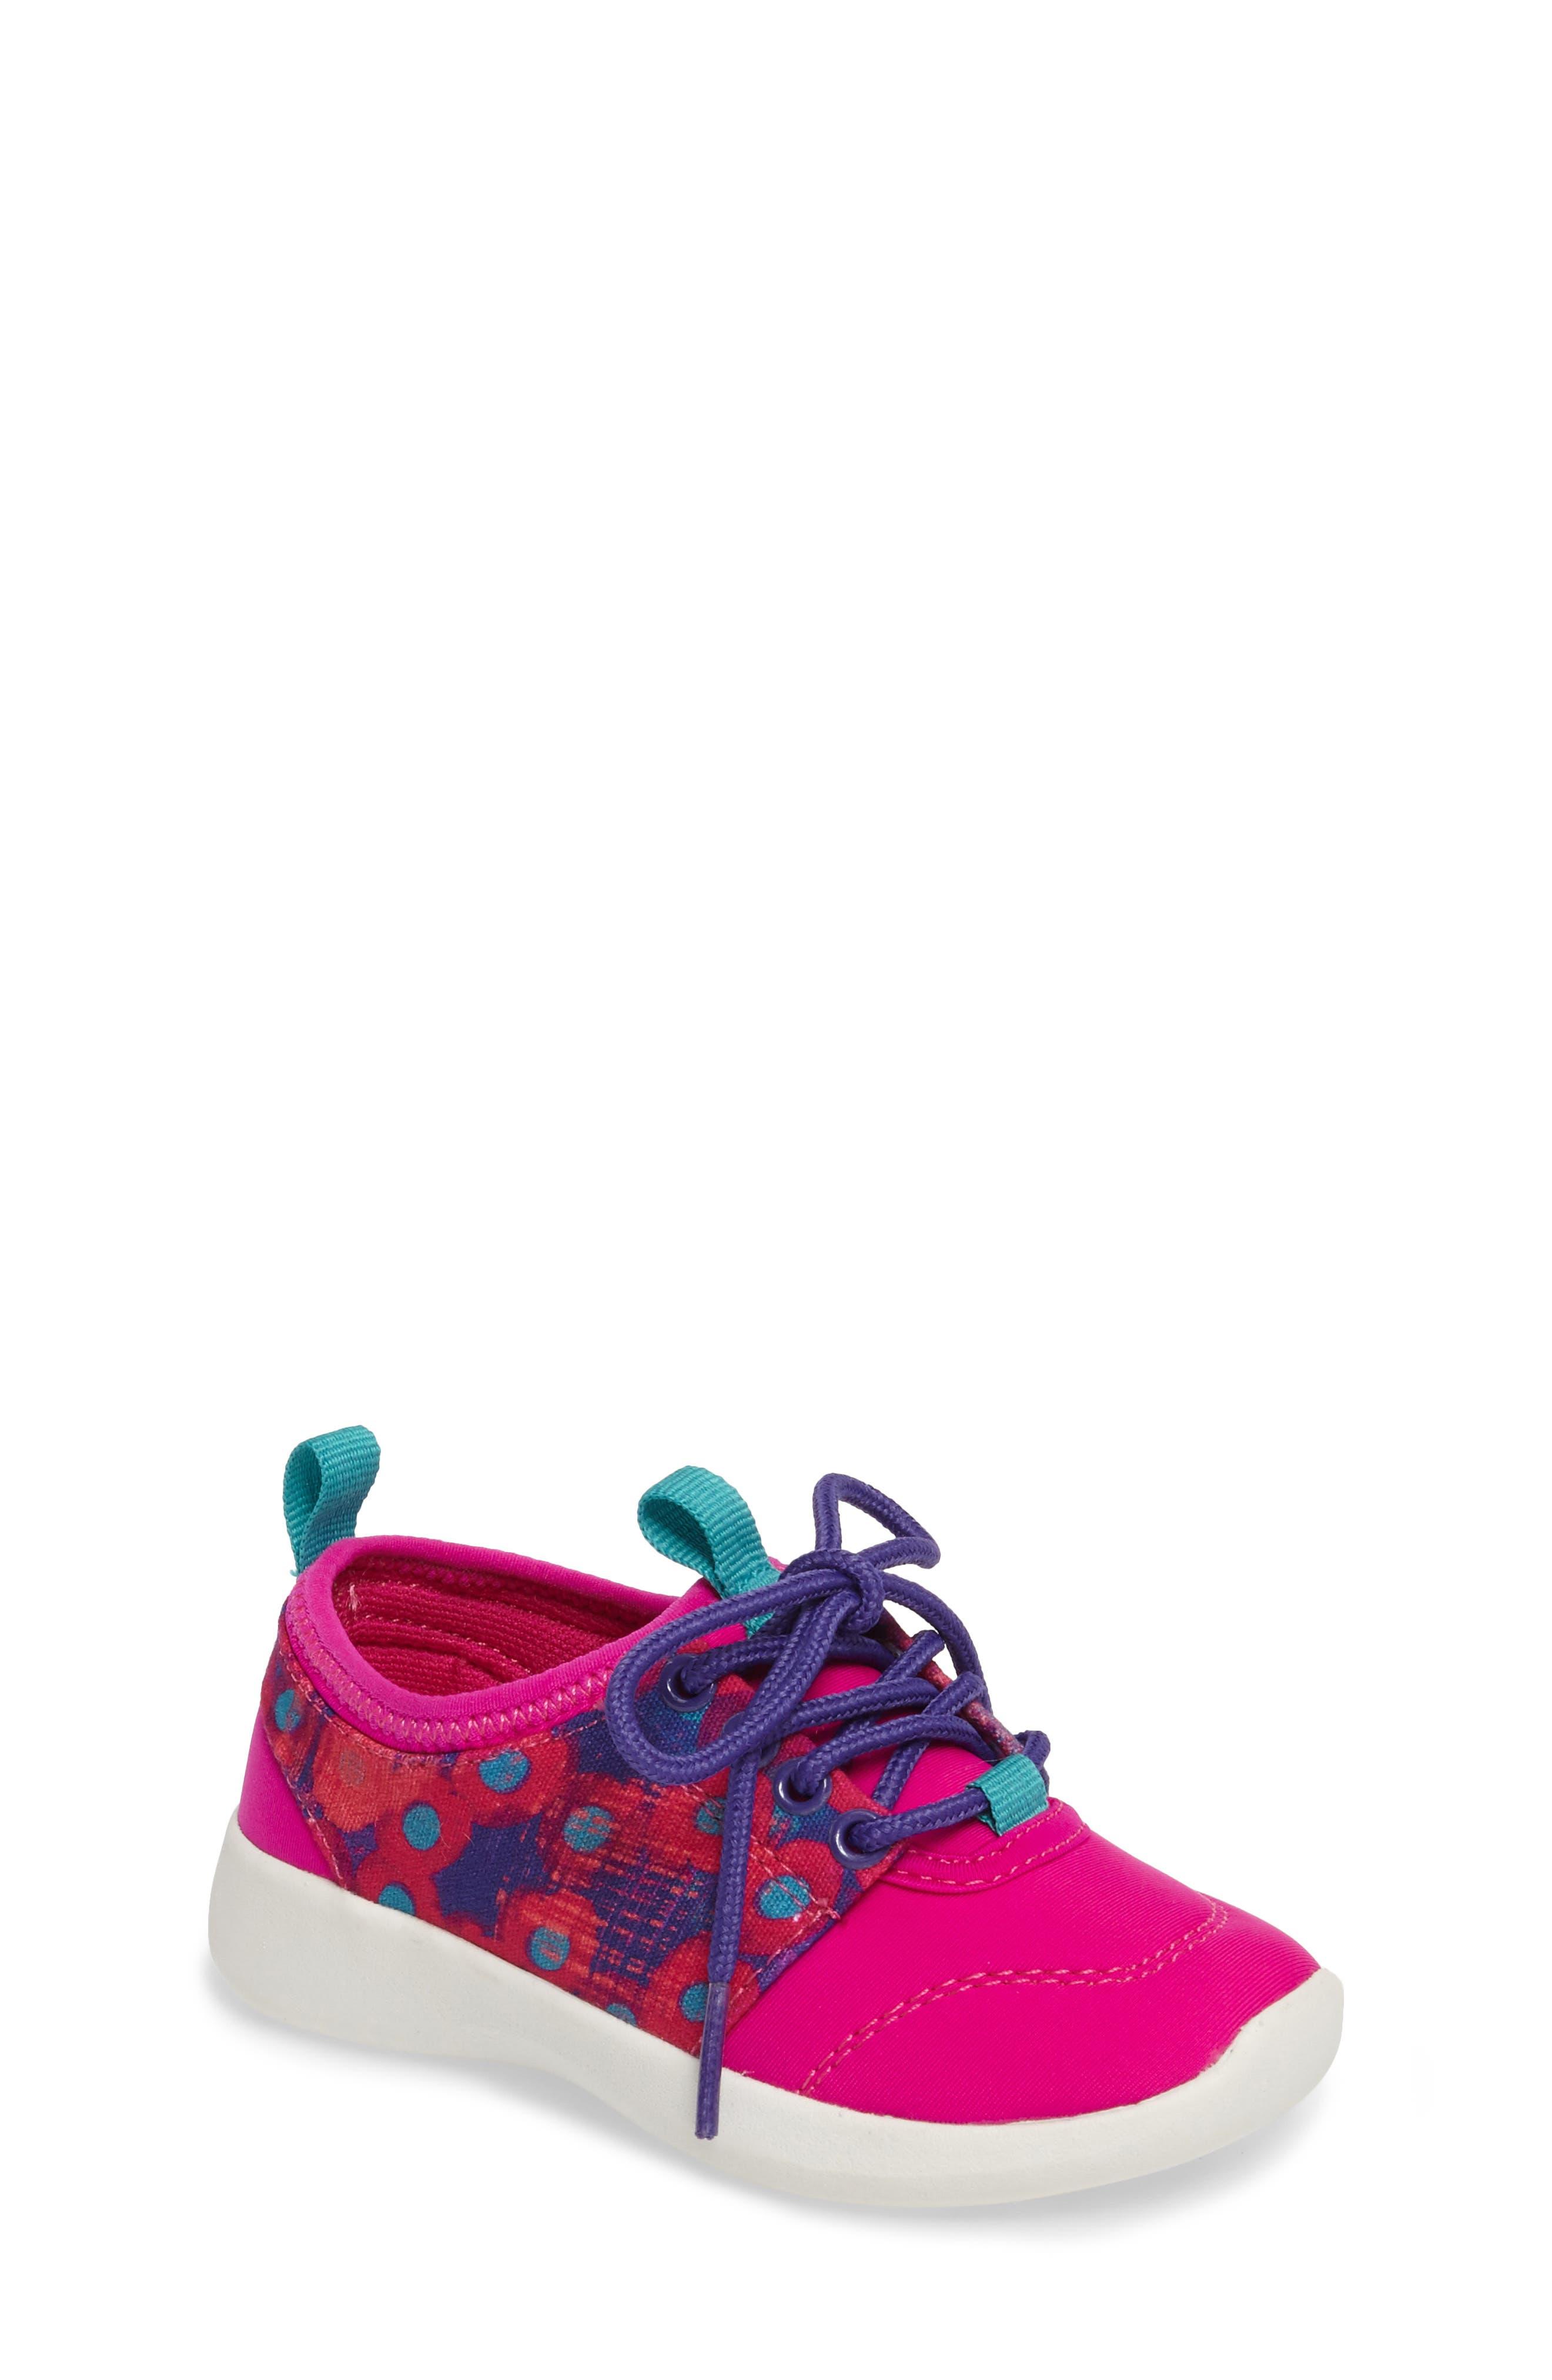 CHOOZE Bolt Sock-Fit Sneaker (Toddler)